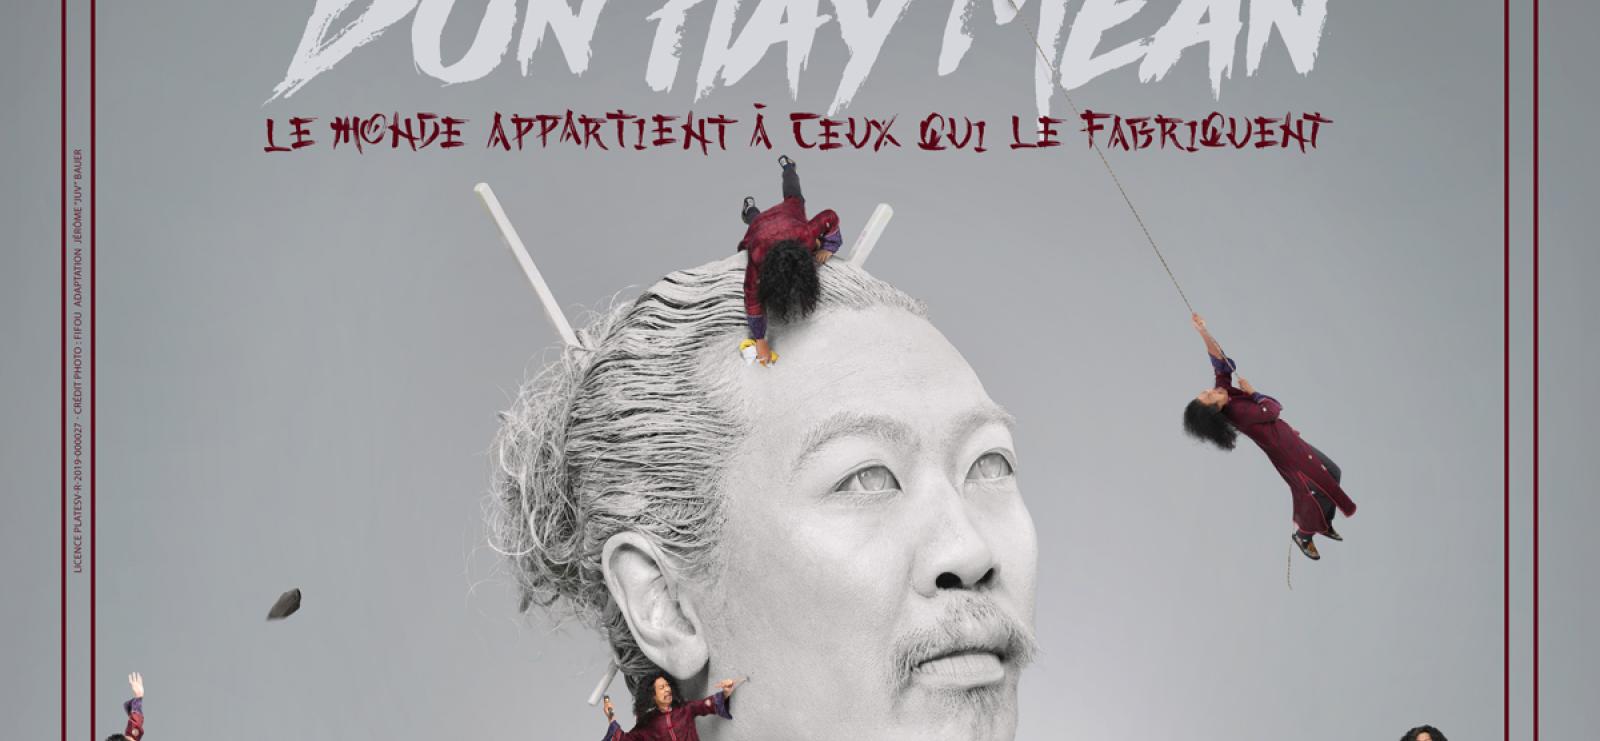 Festival du Rire : Bun Hay Mean